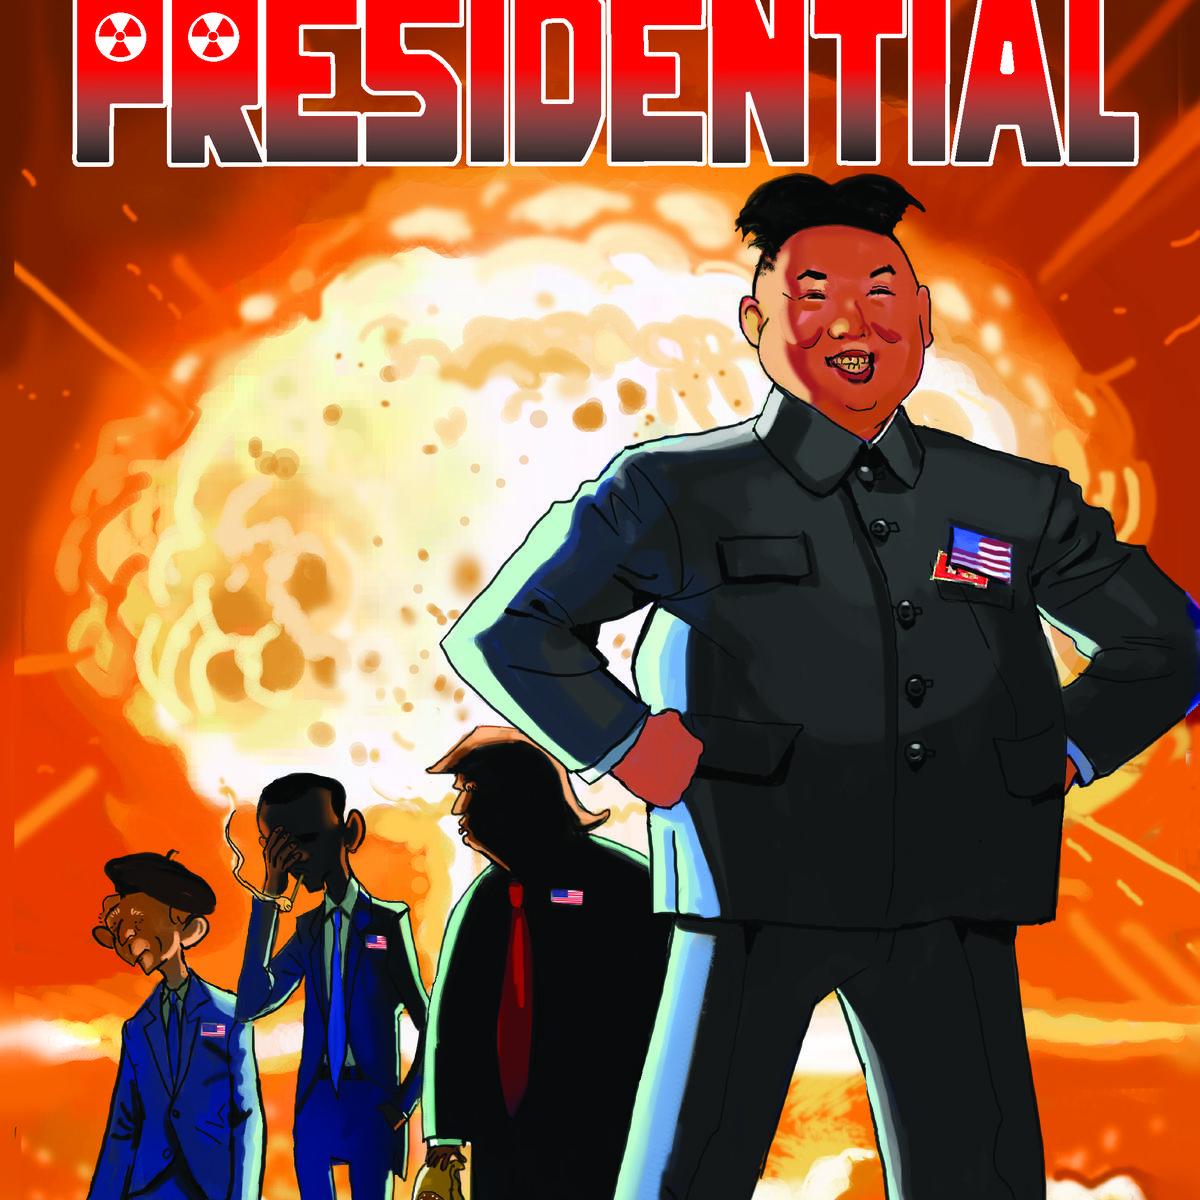 unpresidential_cover_300_dpi.jpg